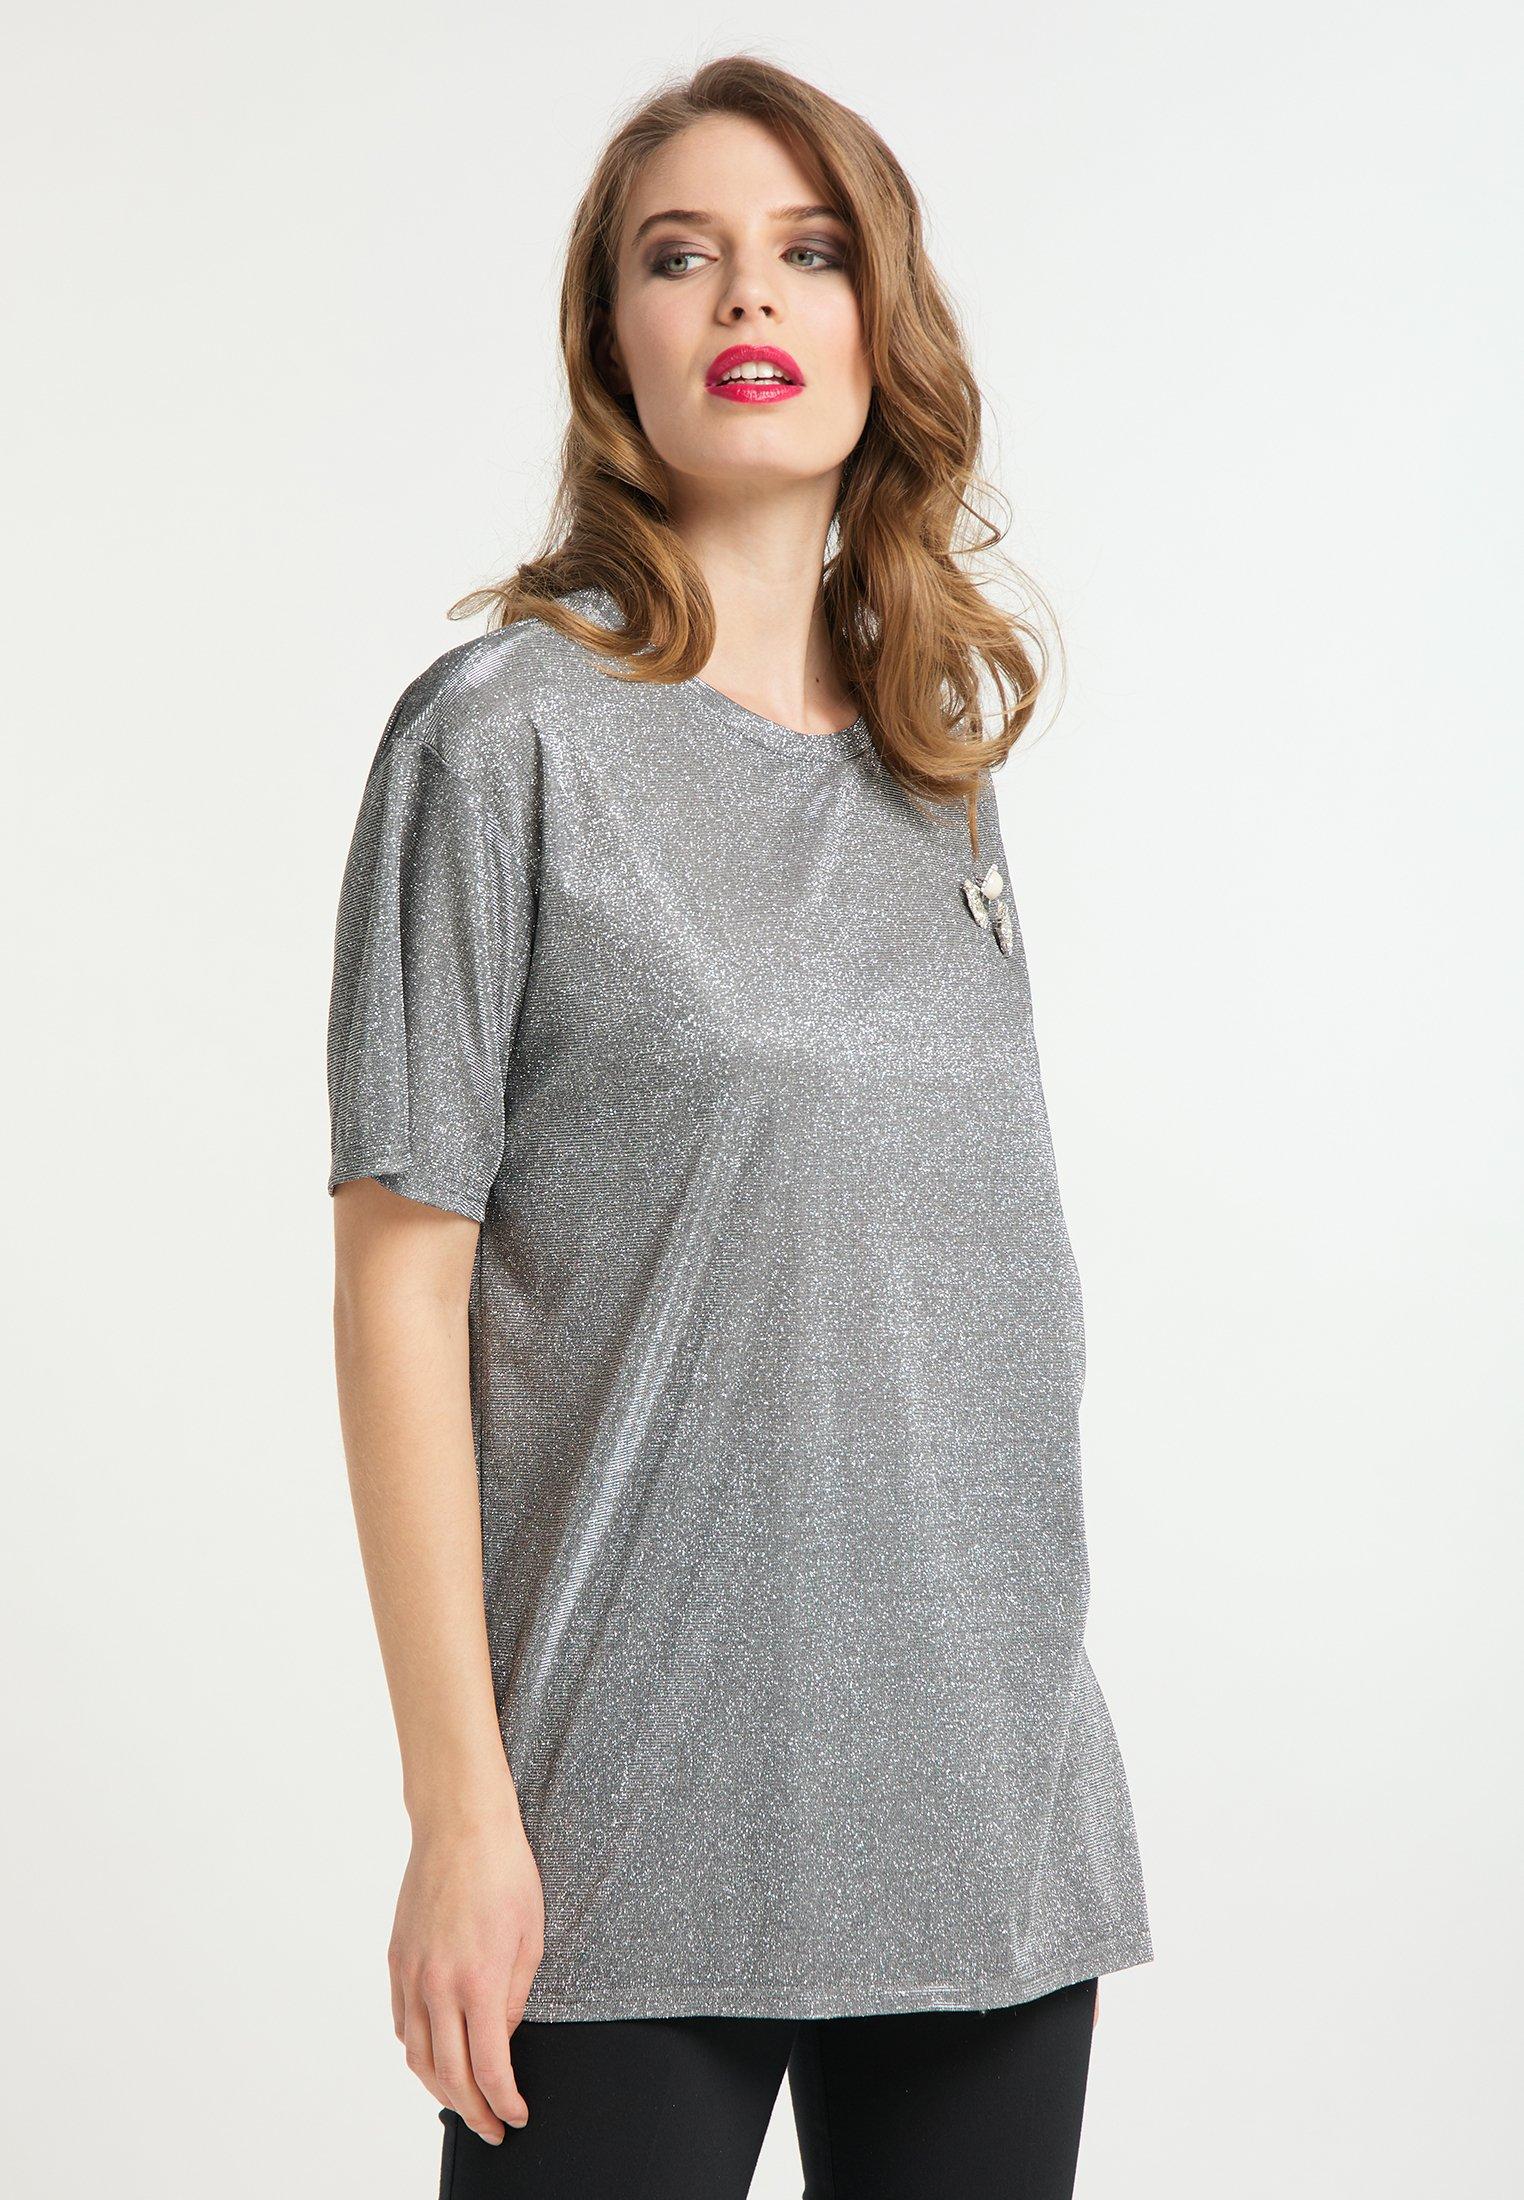 New Women's Clothing faina Print T-shirt schwarz silber 2S5P5Njdm